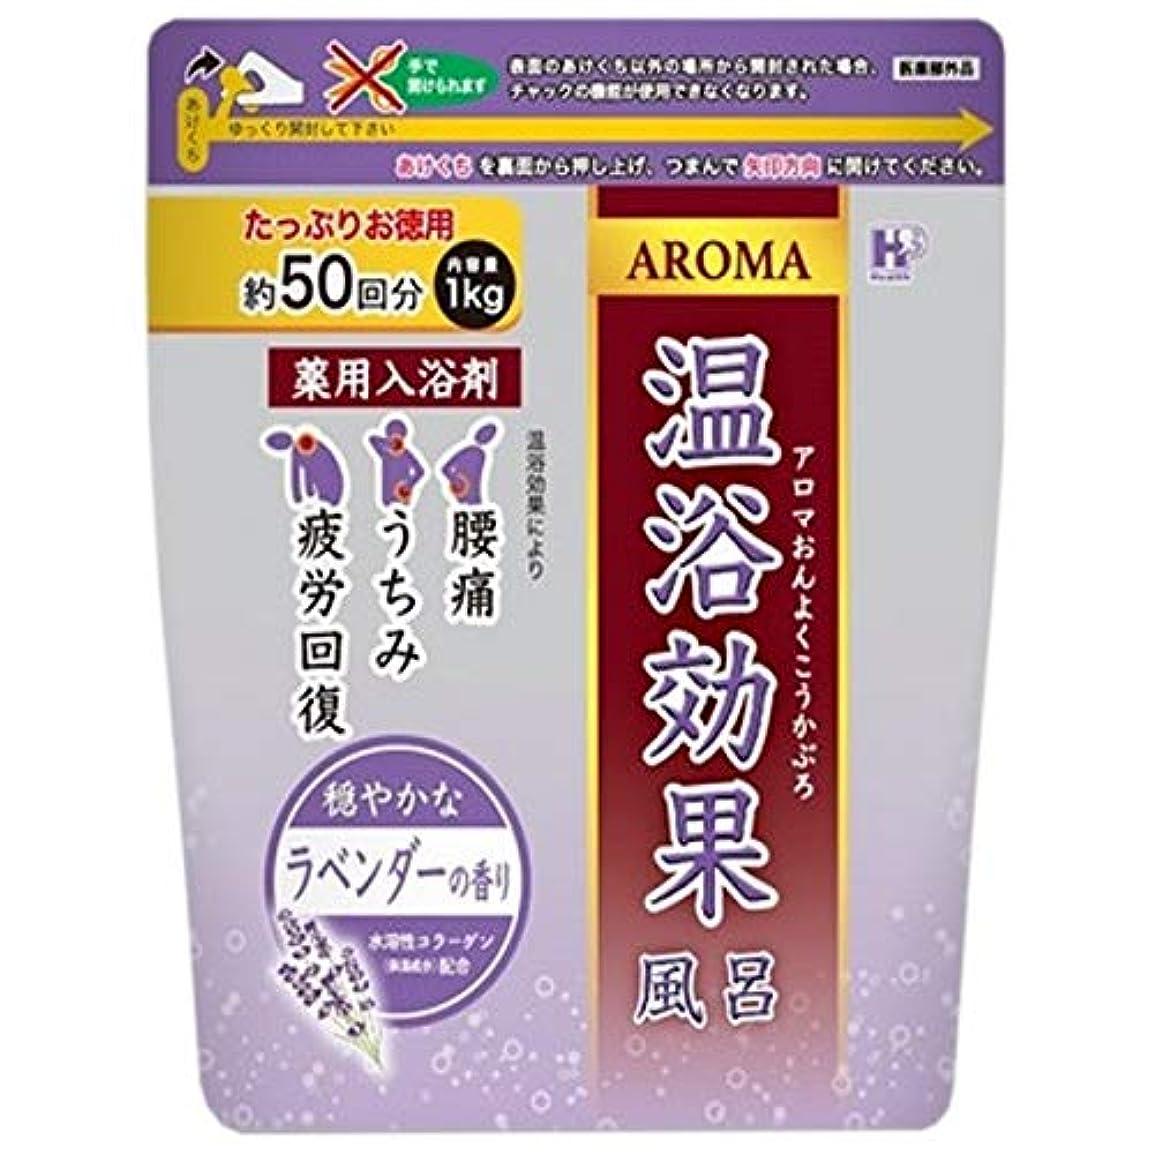 文字通り付与文献薬用入浴剤 アロマ温浴効果風呂 ラベンダー 1kg×10袋入